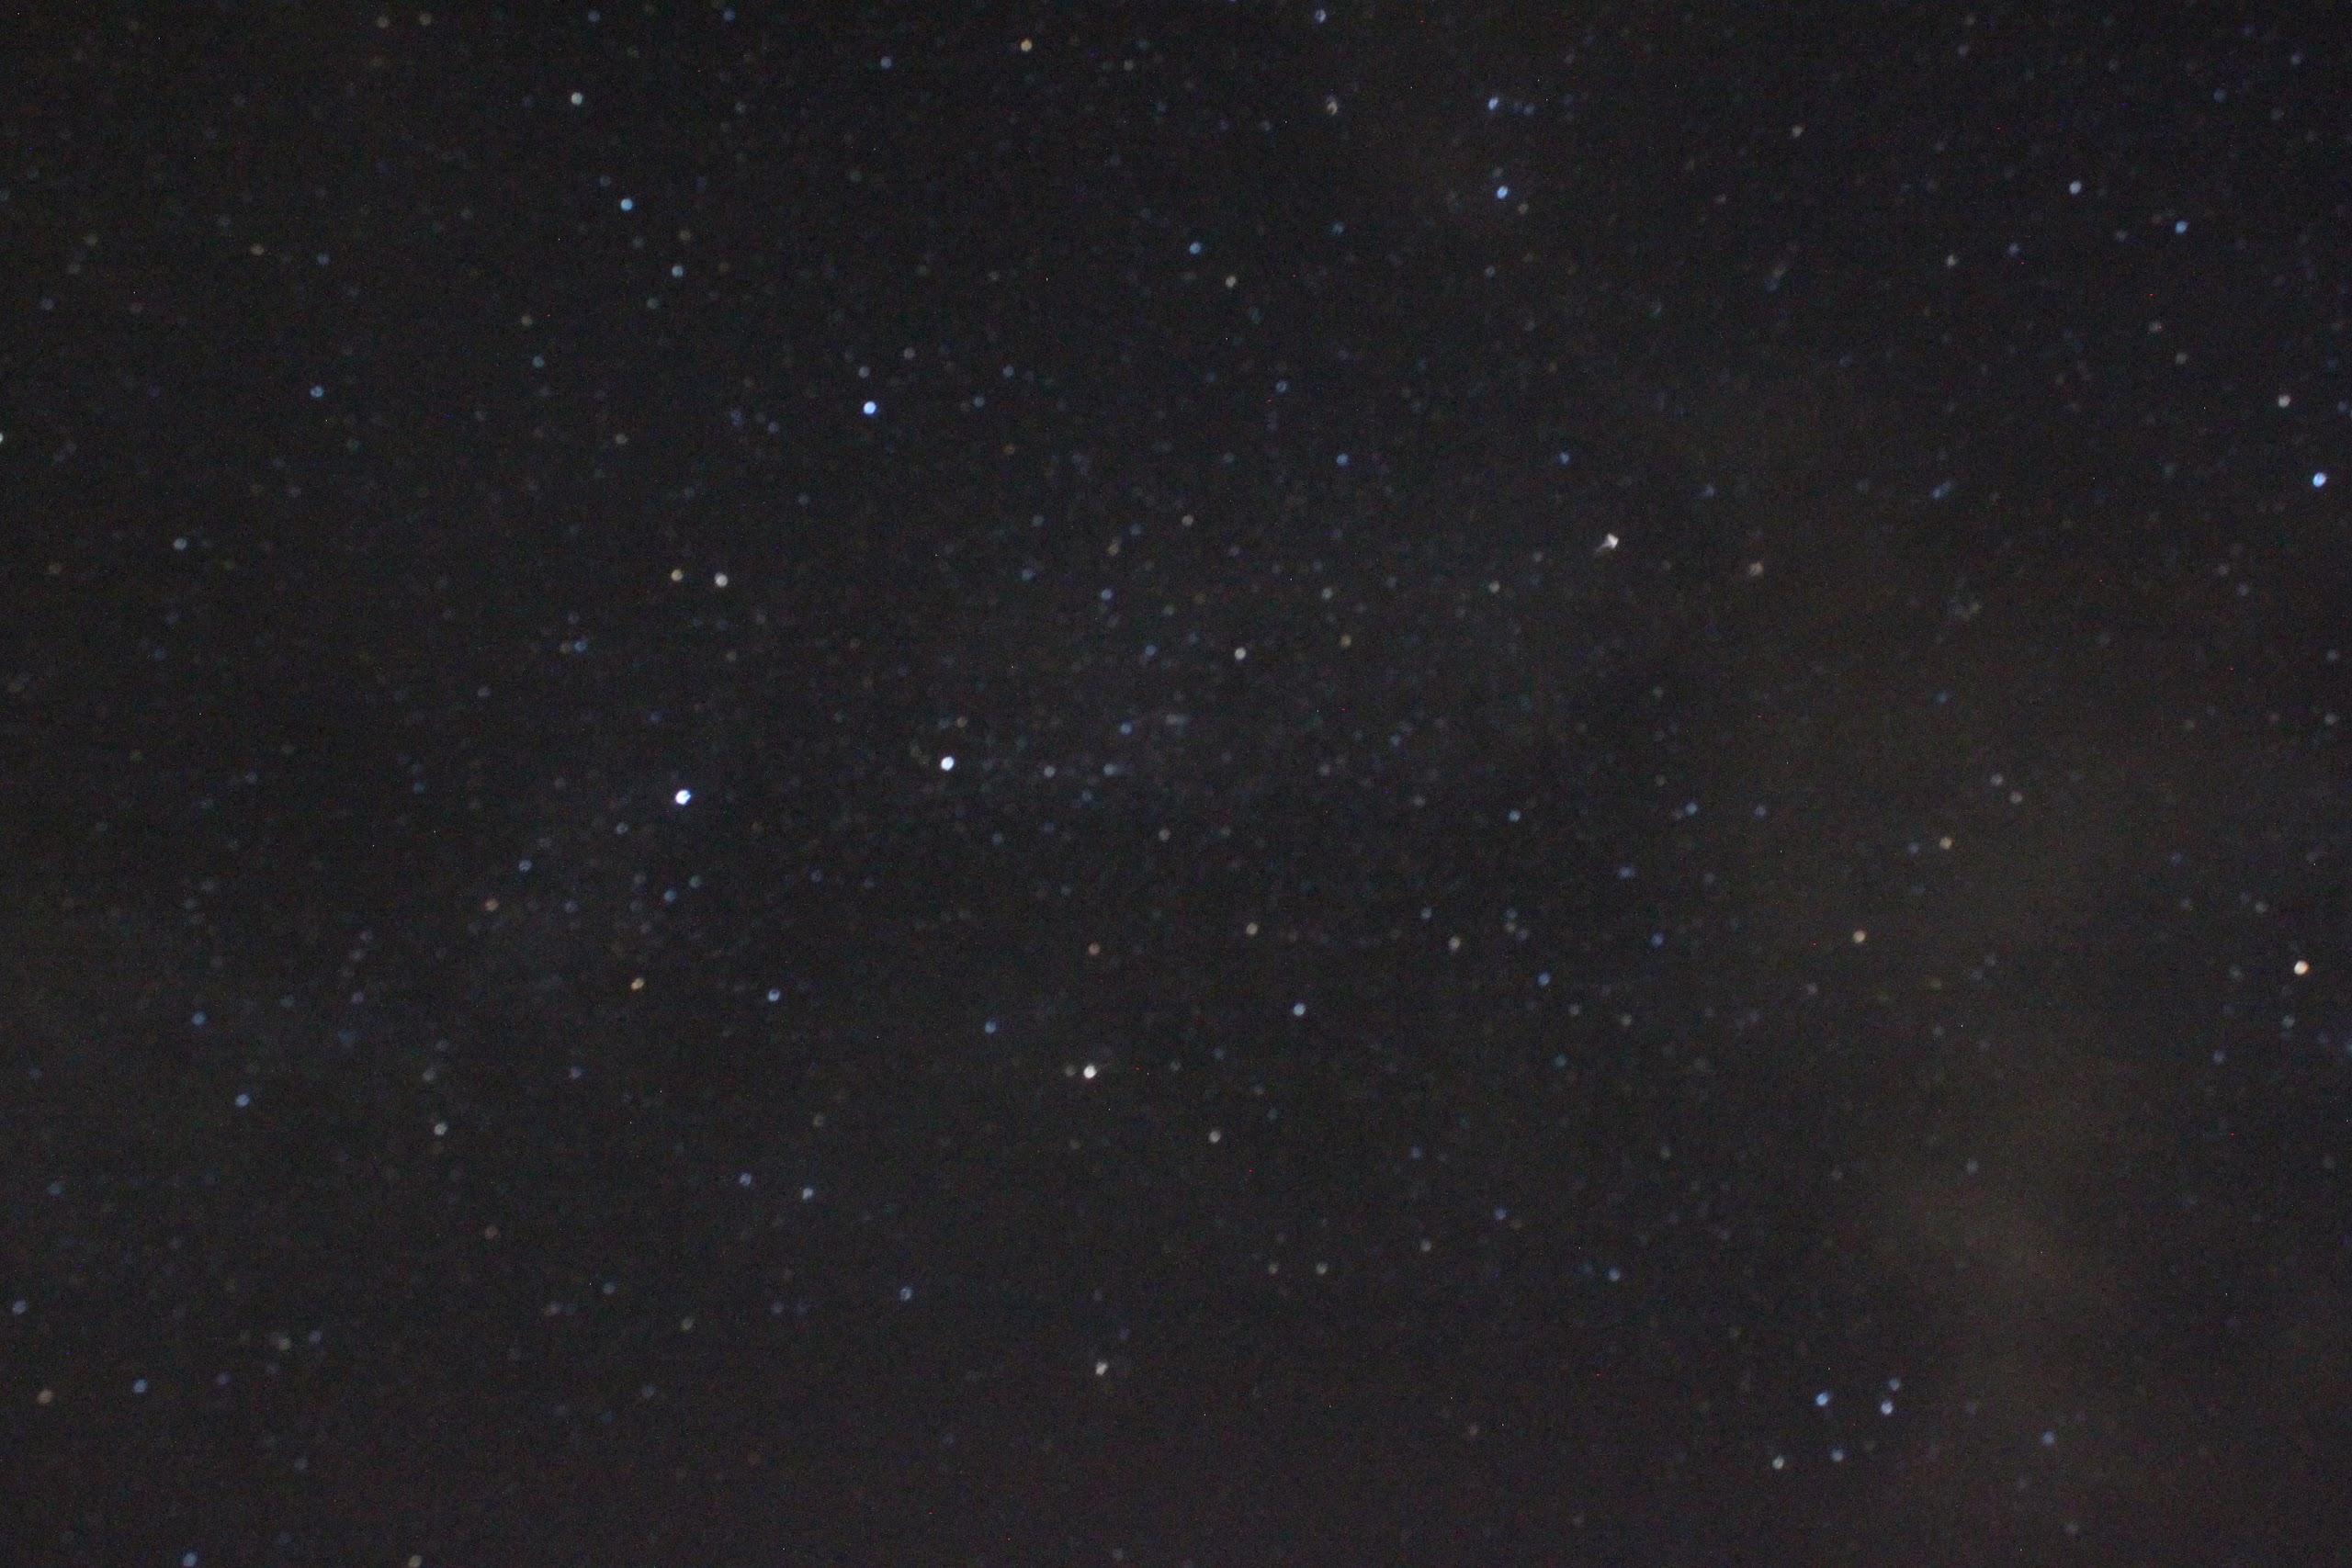 満天の星2Or8nx_JSbdquOqARJewAWb-JONfH1_nHFuIAT8JqiE3k6_2Z02h9WcqWE4BuMTS24R0IyYF=w2560-h2560-rw